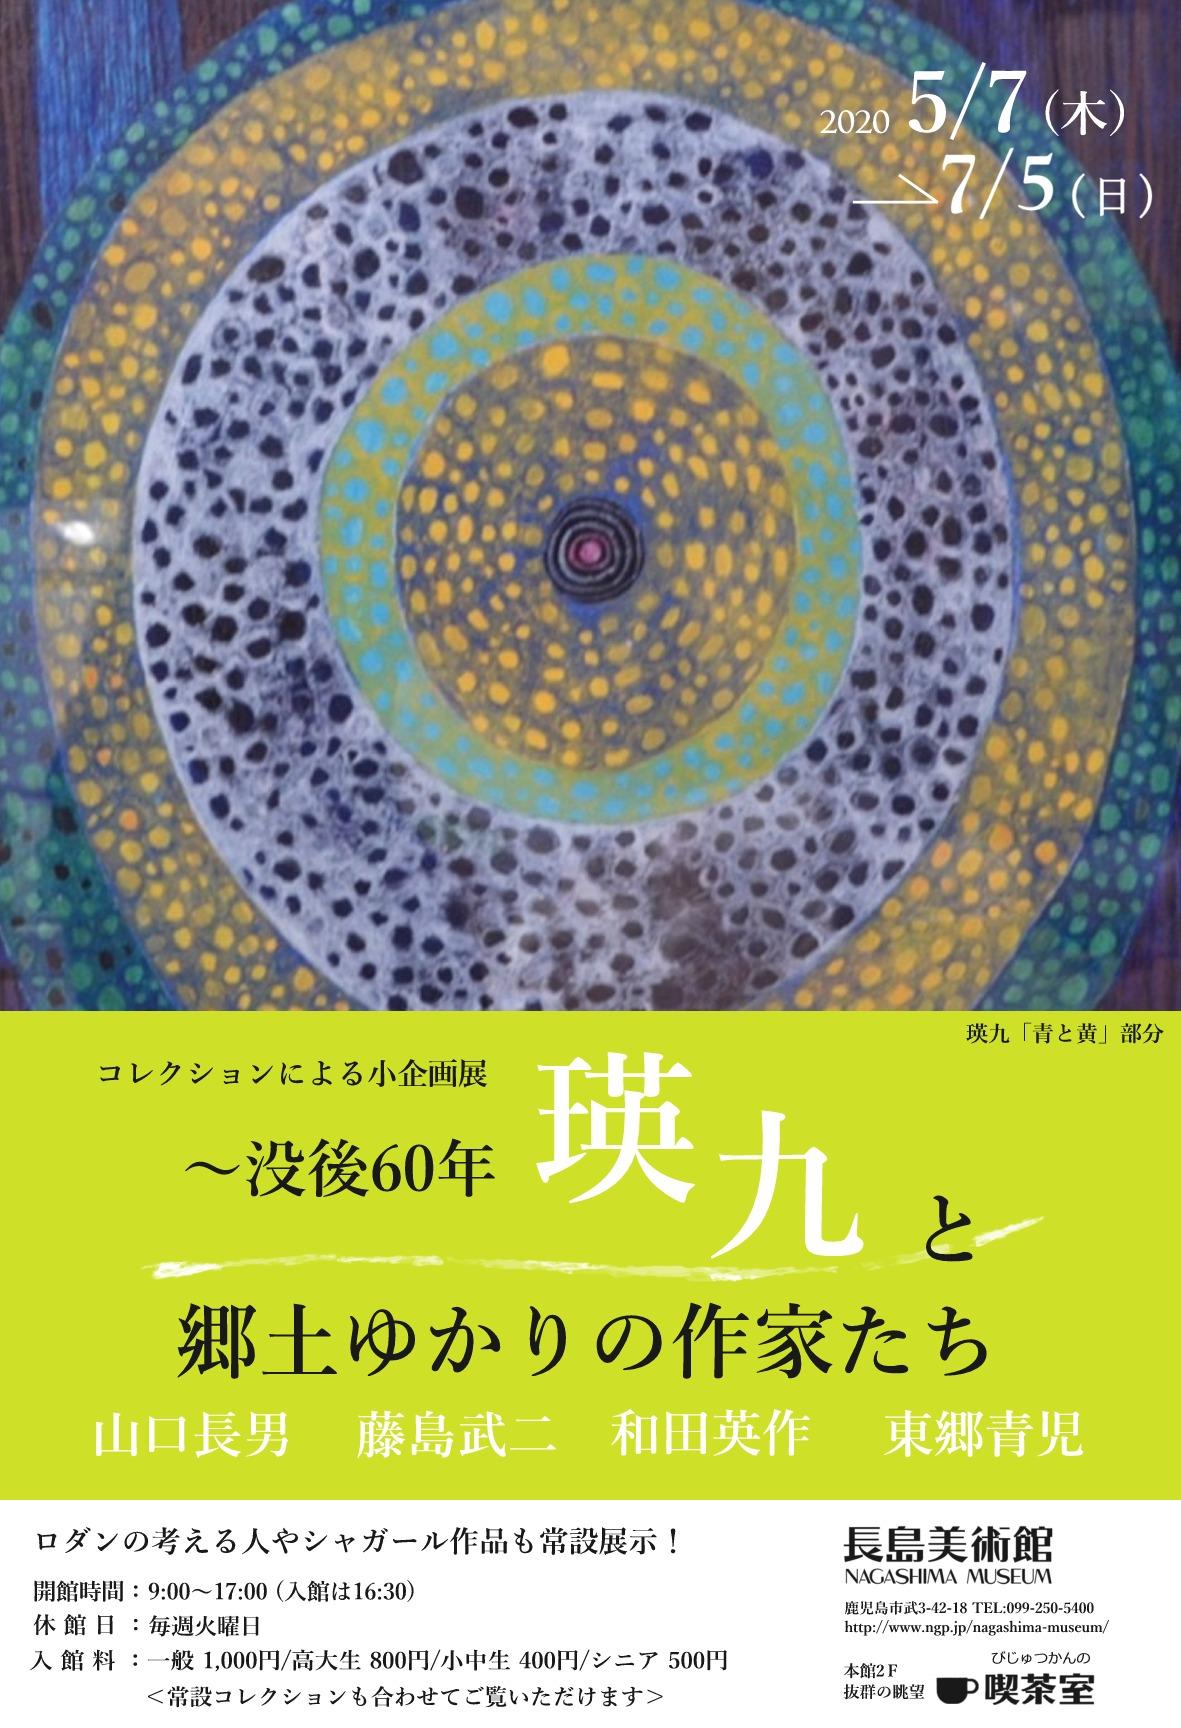 コレクションによる小企画展 「~没後60年 瑛九と郷土ゆかりの作家たち」